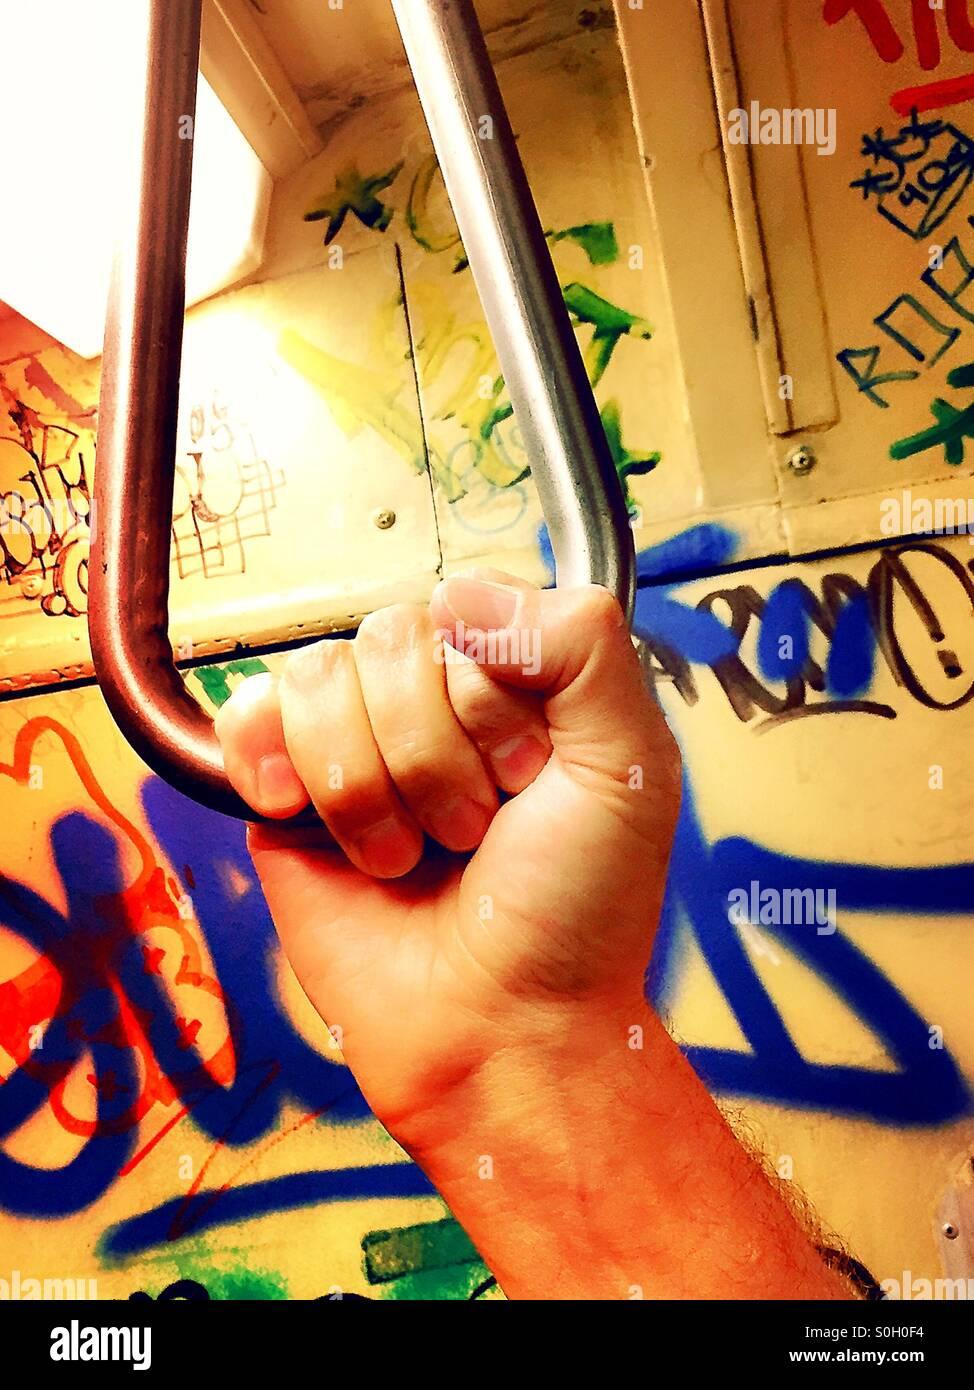 Mano de hombre sosteniendo girar la manija de agarre en vintage metro de Nueva York Imagen De Stock